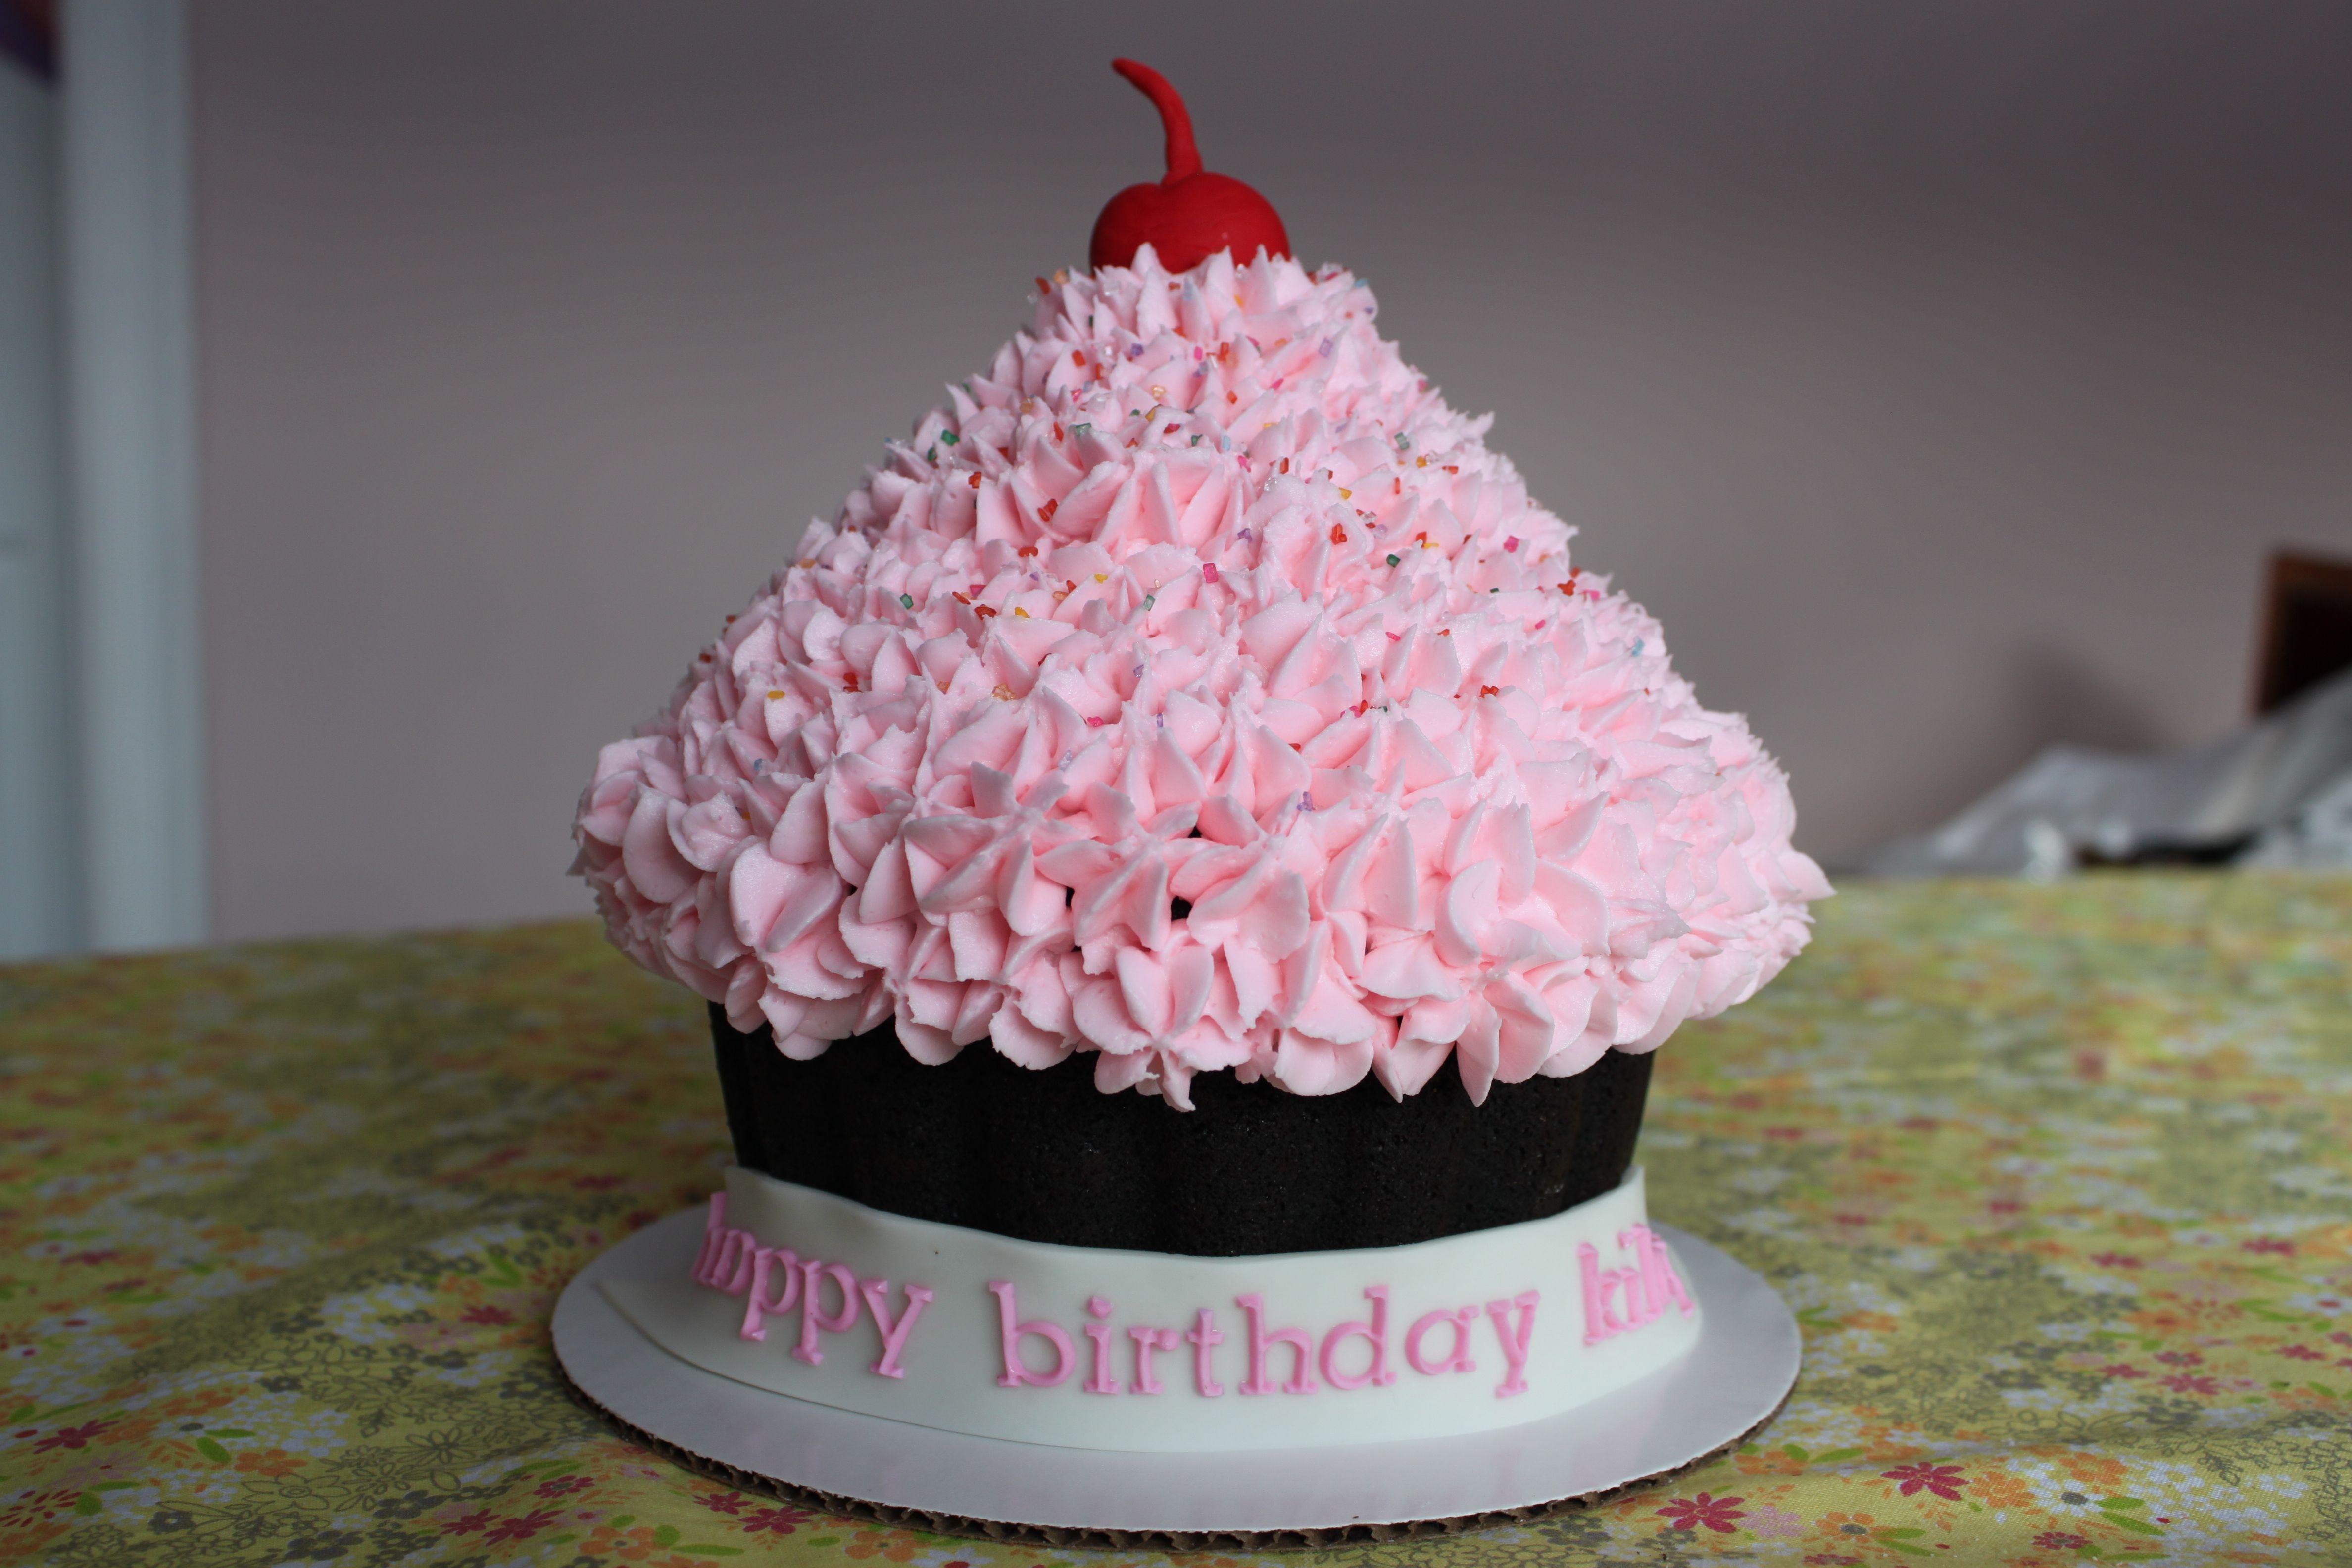 - Giant cupcake cake #giantcupcakecakes - Giant cupcake cake #giantcupcakecakes - Giant cupcake cake #giantcupcakecakes - Giant cupcake cake #giantcupcakecakes - Giant cupcake cake #giantcupcakecakes - Giant cupcake cake #giantcupcakecakes - Giant cupcake cake #giantcupcakecakes - Giant cupcake cake #giantcupcakecakes